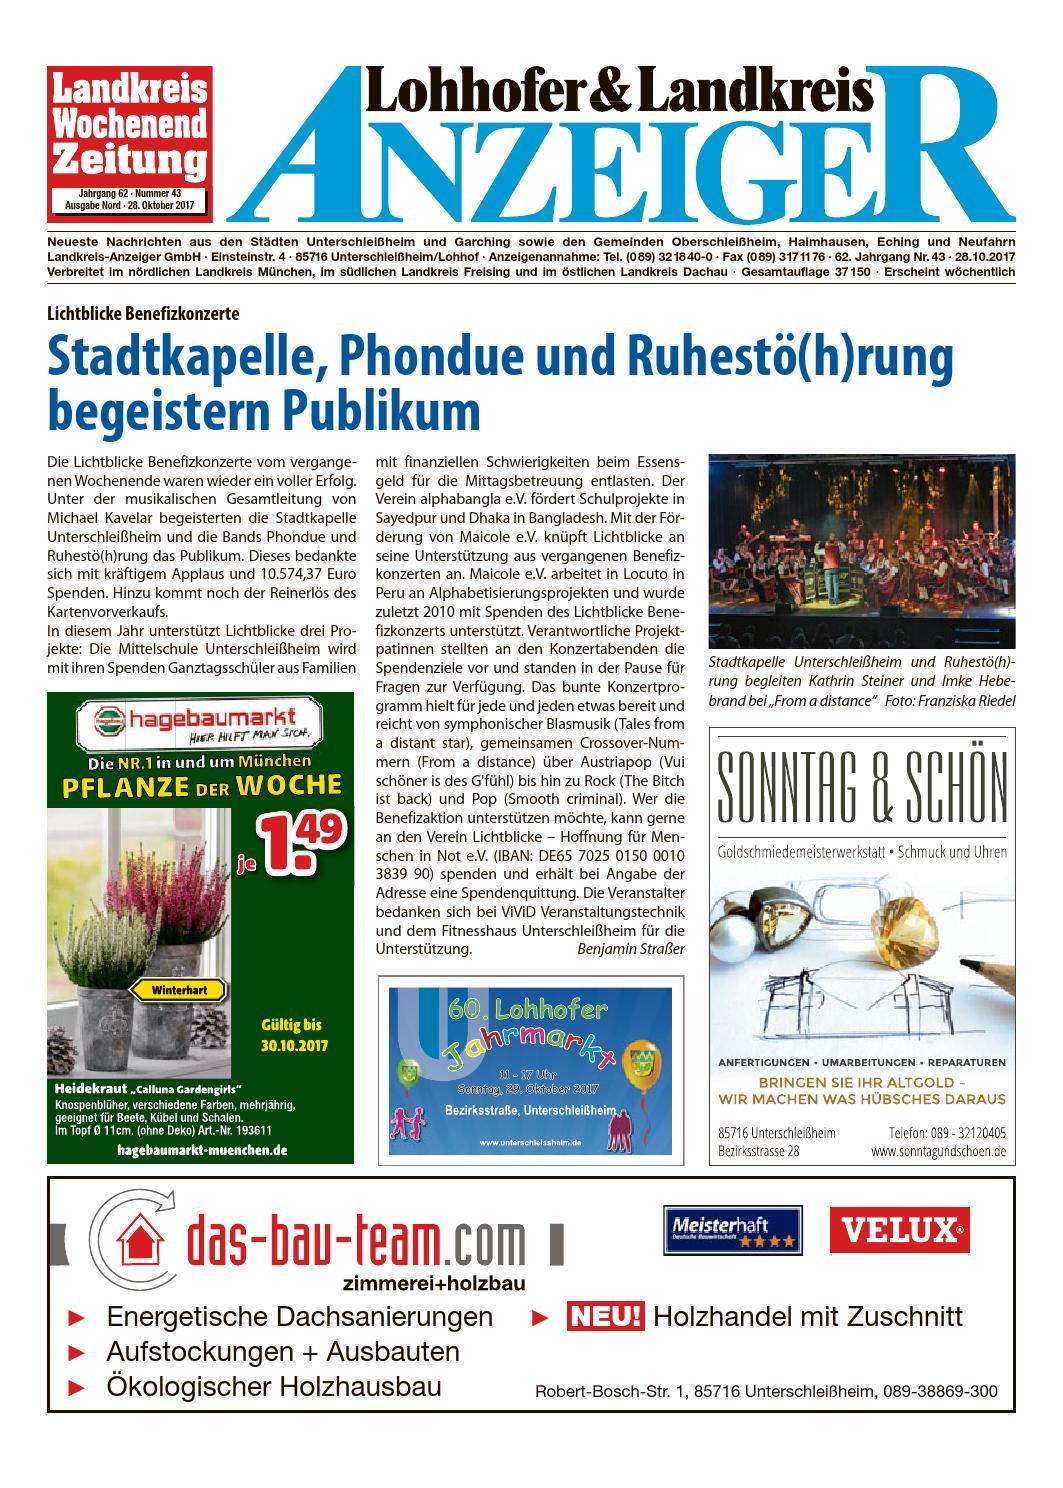 6055921a82ef2 Lohhofer   Landkreis Anzeiger 4317 by Zimmermann GmbH Druck   Verlag - issuu